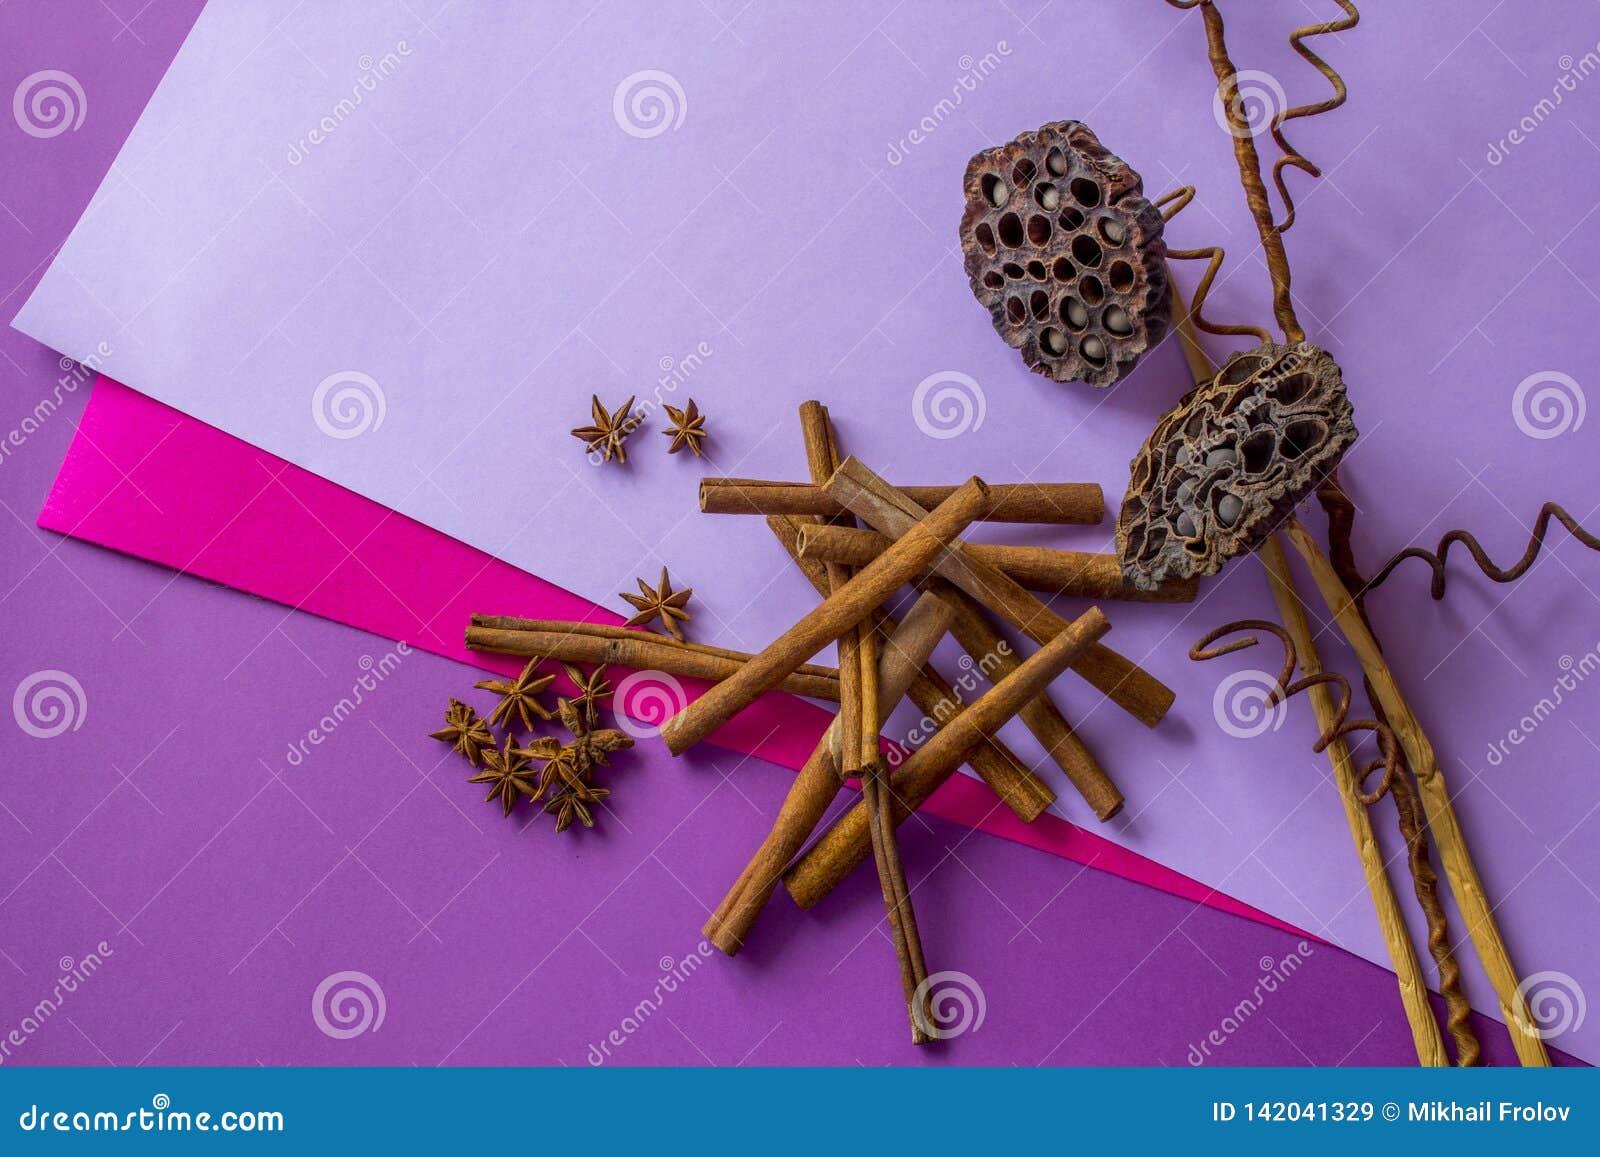 Ακόμα ζωή του ξηρού λωτού, των ραβδιών κανέλας και των αστεριών γλυκάνισου που βρίσκεται στο χρωματισμένο υπόβαθρο